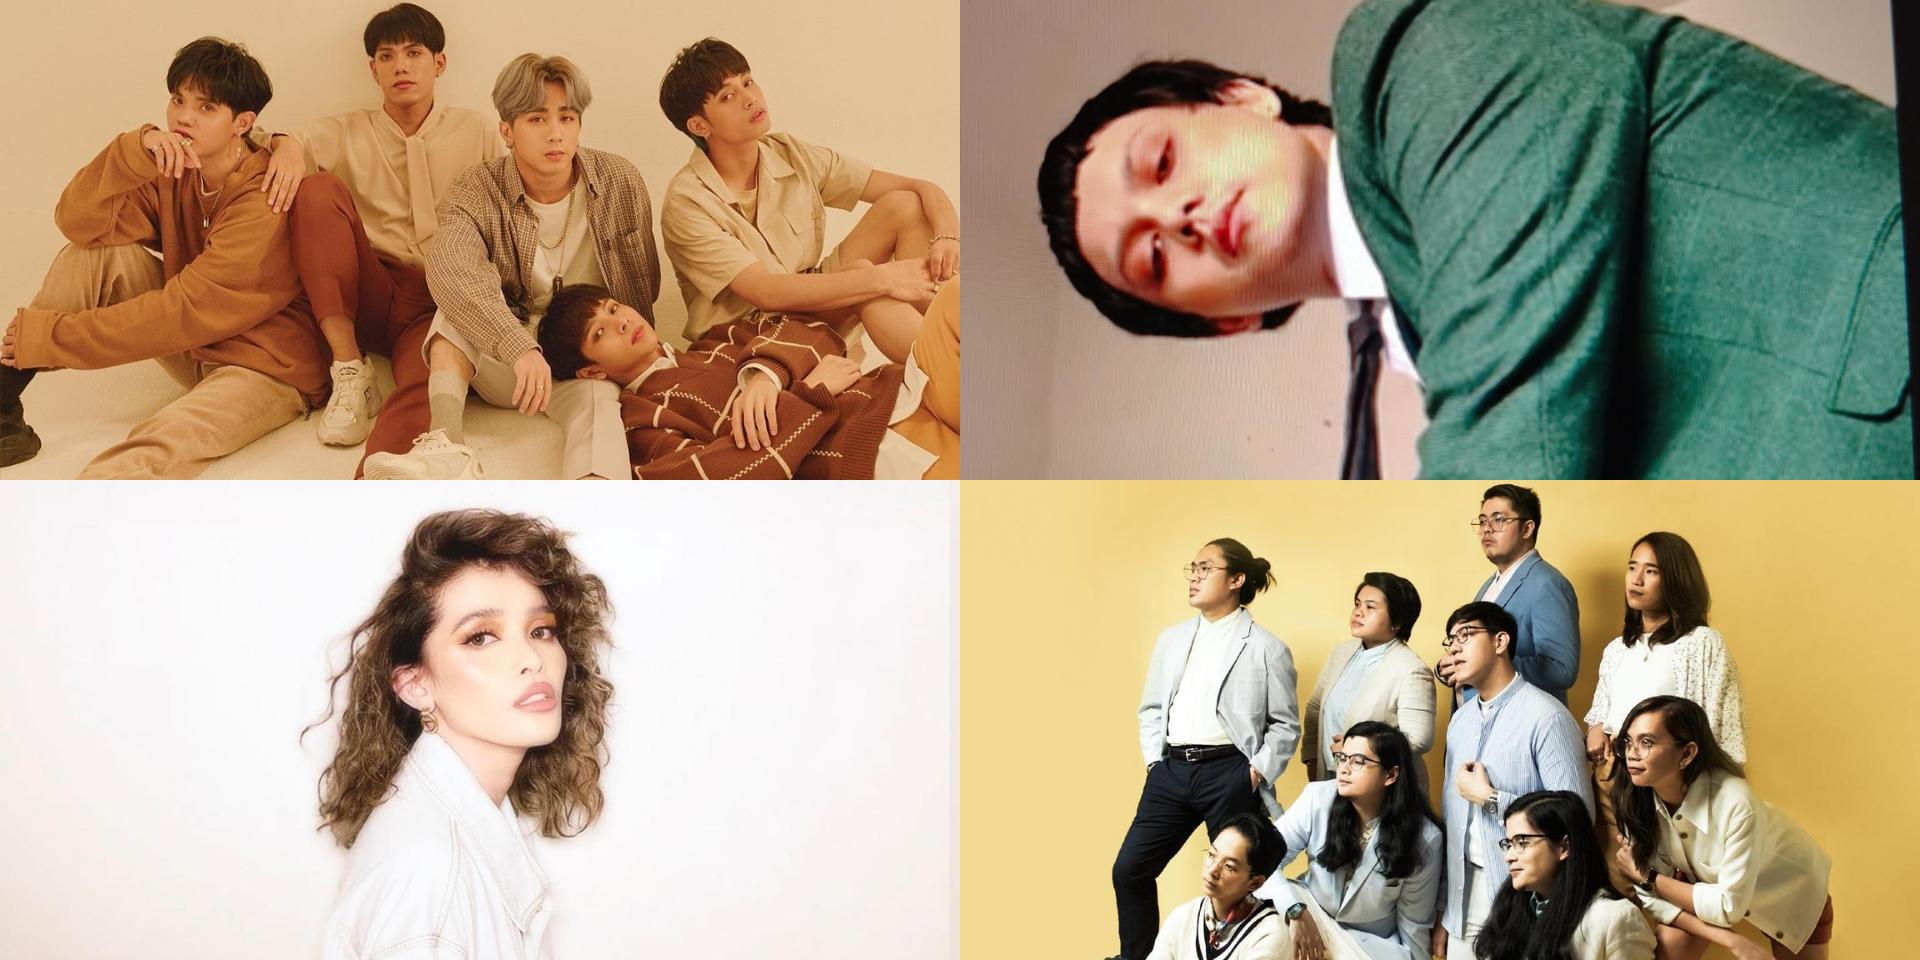 SB19, Ben&Ben, Zild, KZ Tandingan, December Avenue, and more to perform at the 33rd Awit Awards